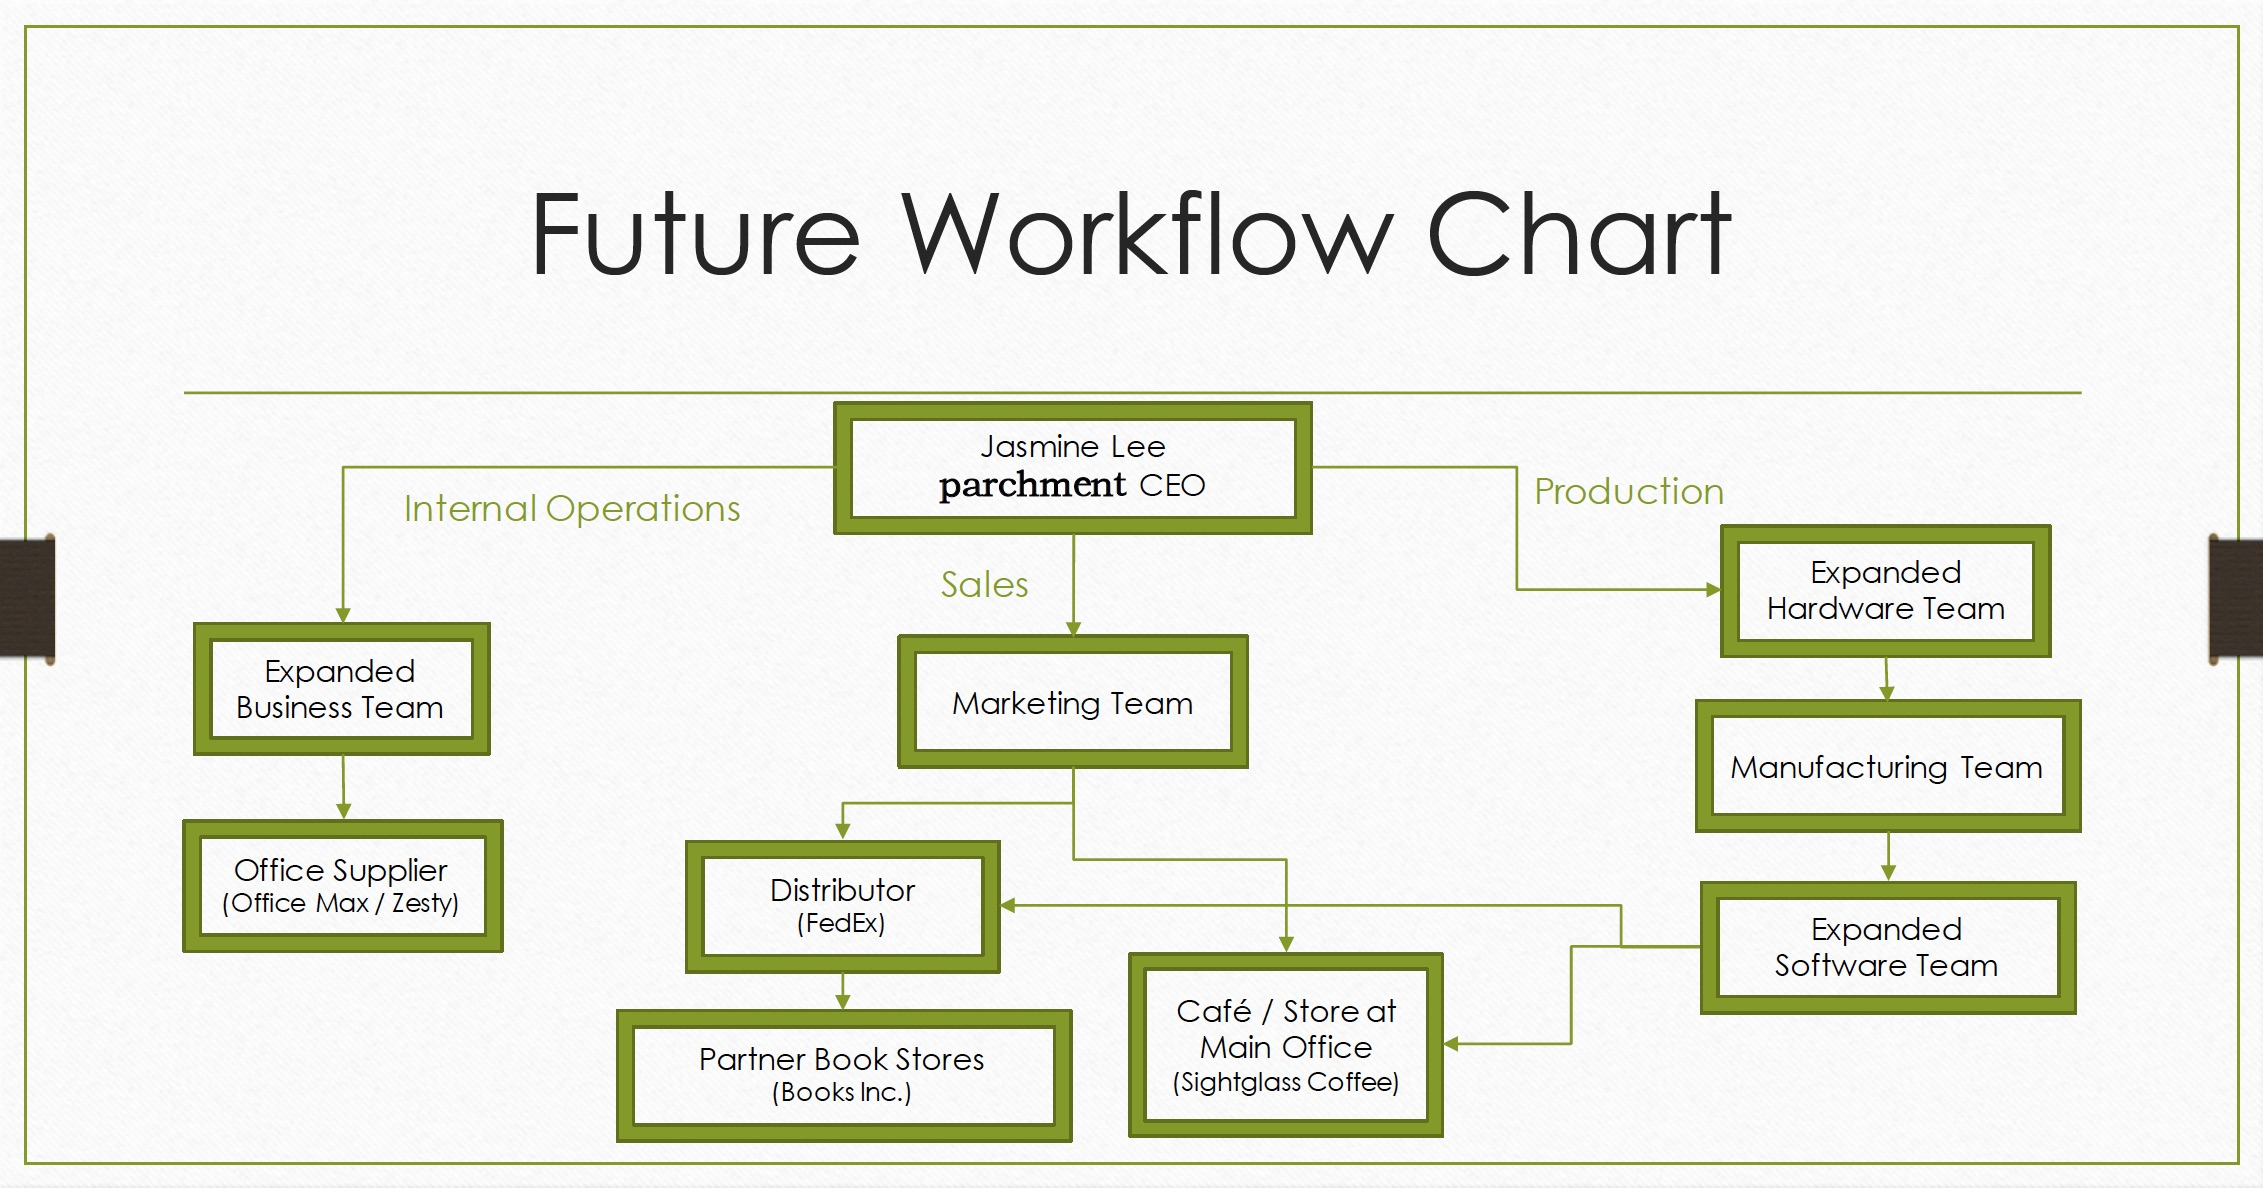 FutureWorkflowChart.jpg